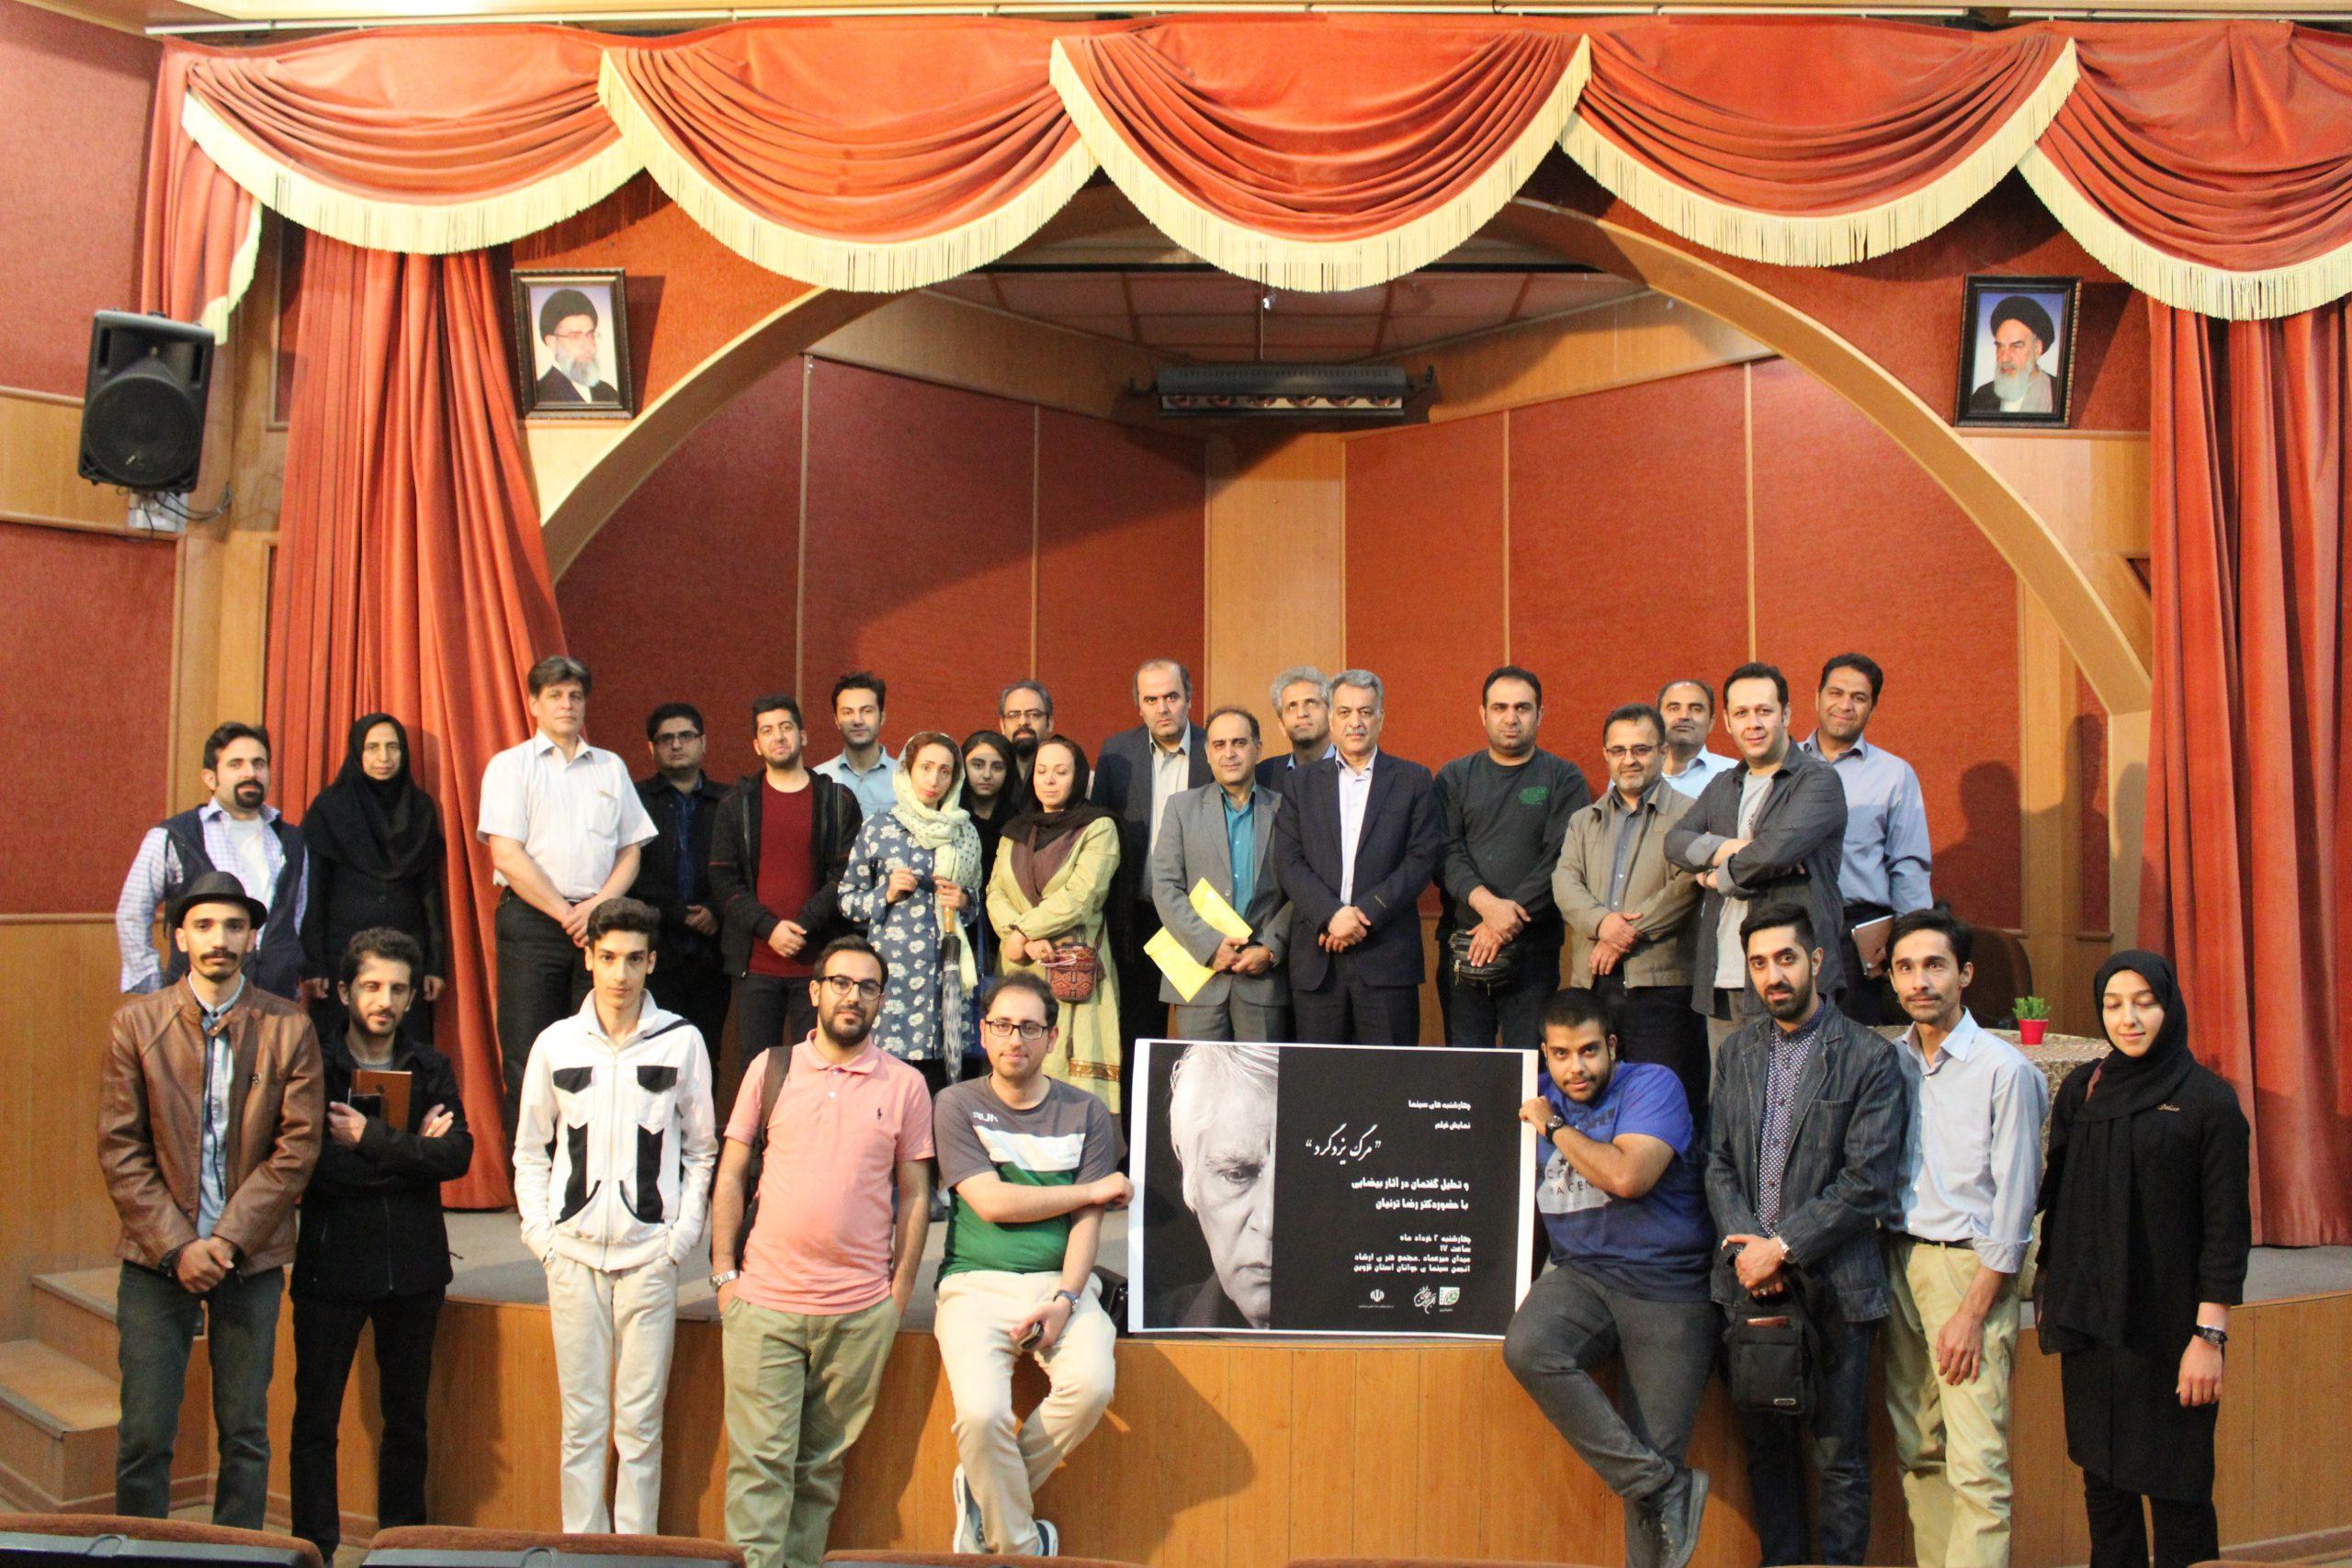 نمایش«مرگ یزدگرد» در انجمن سینمای جوانان قزوین